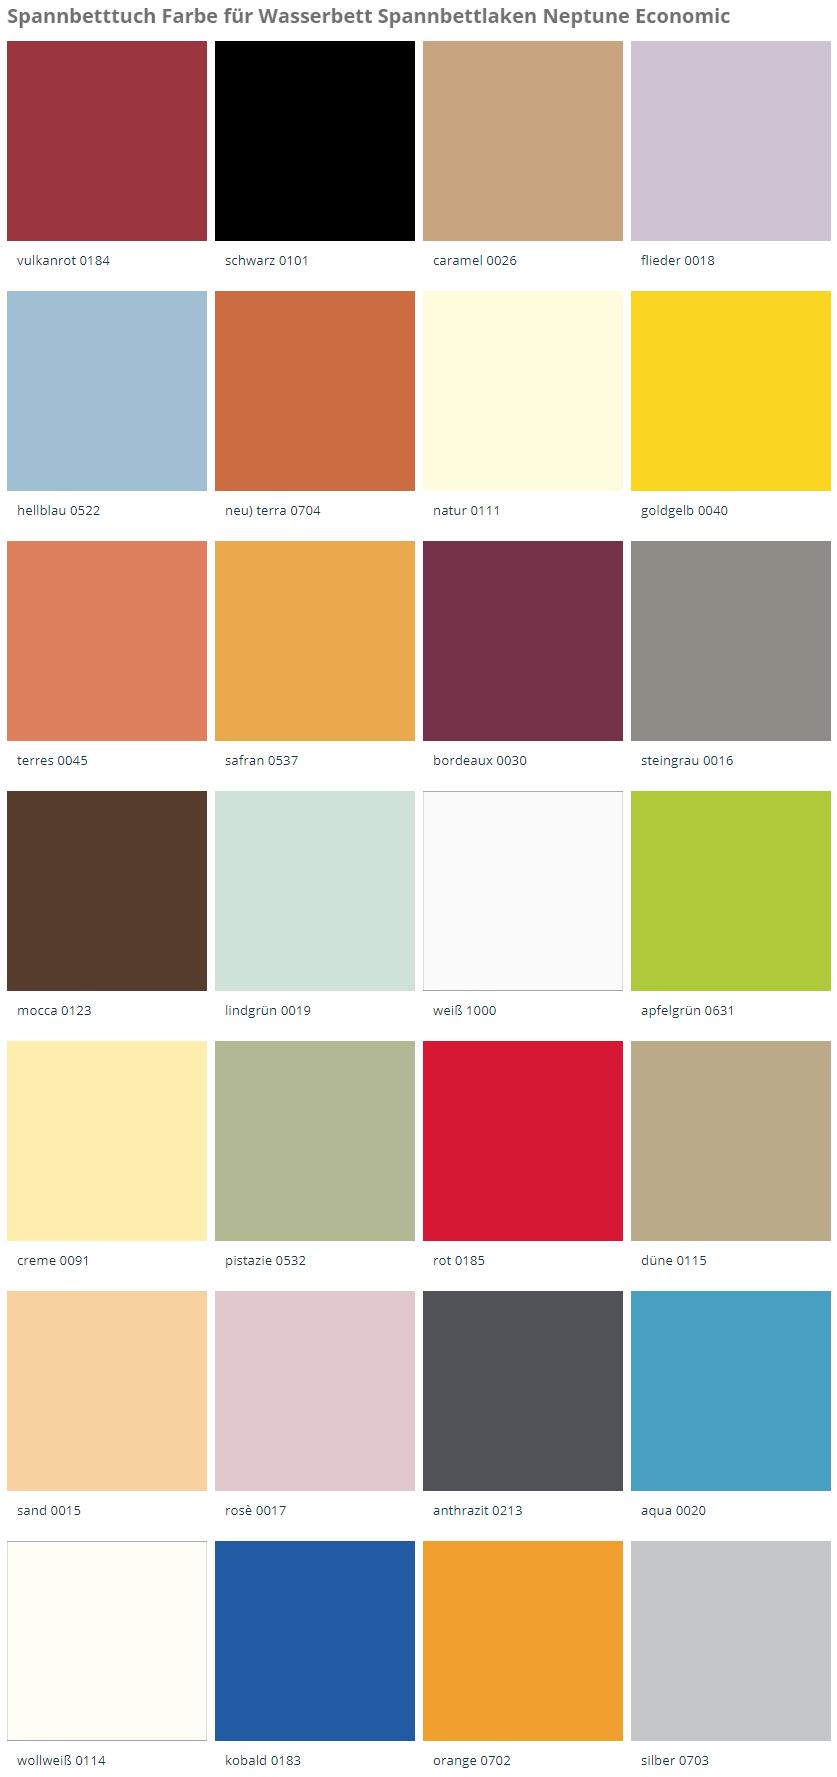 Farbkarte für Spannbetttuch Neptune Economic und SPHINX